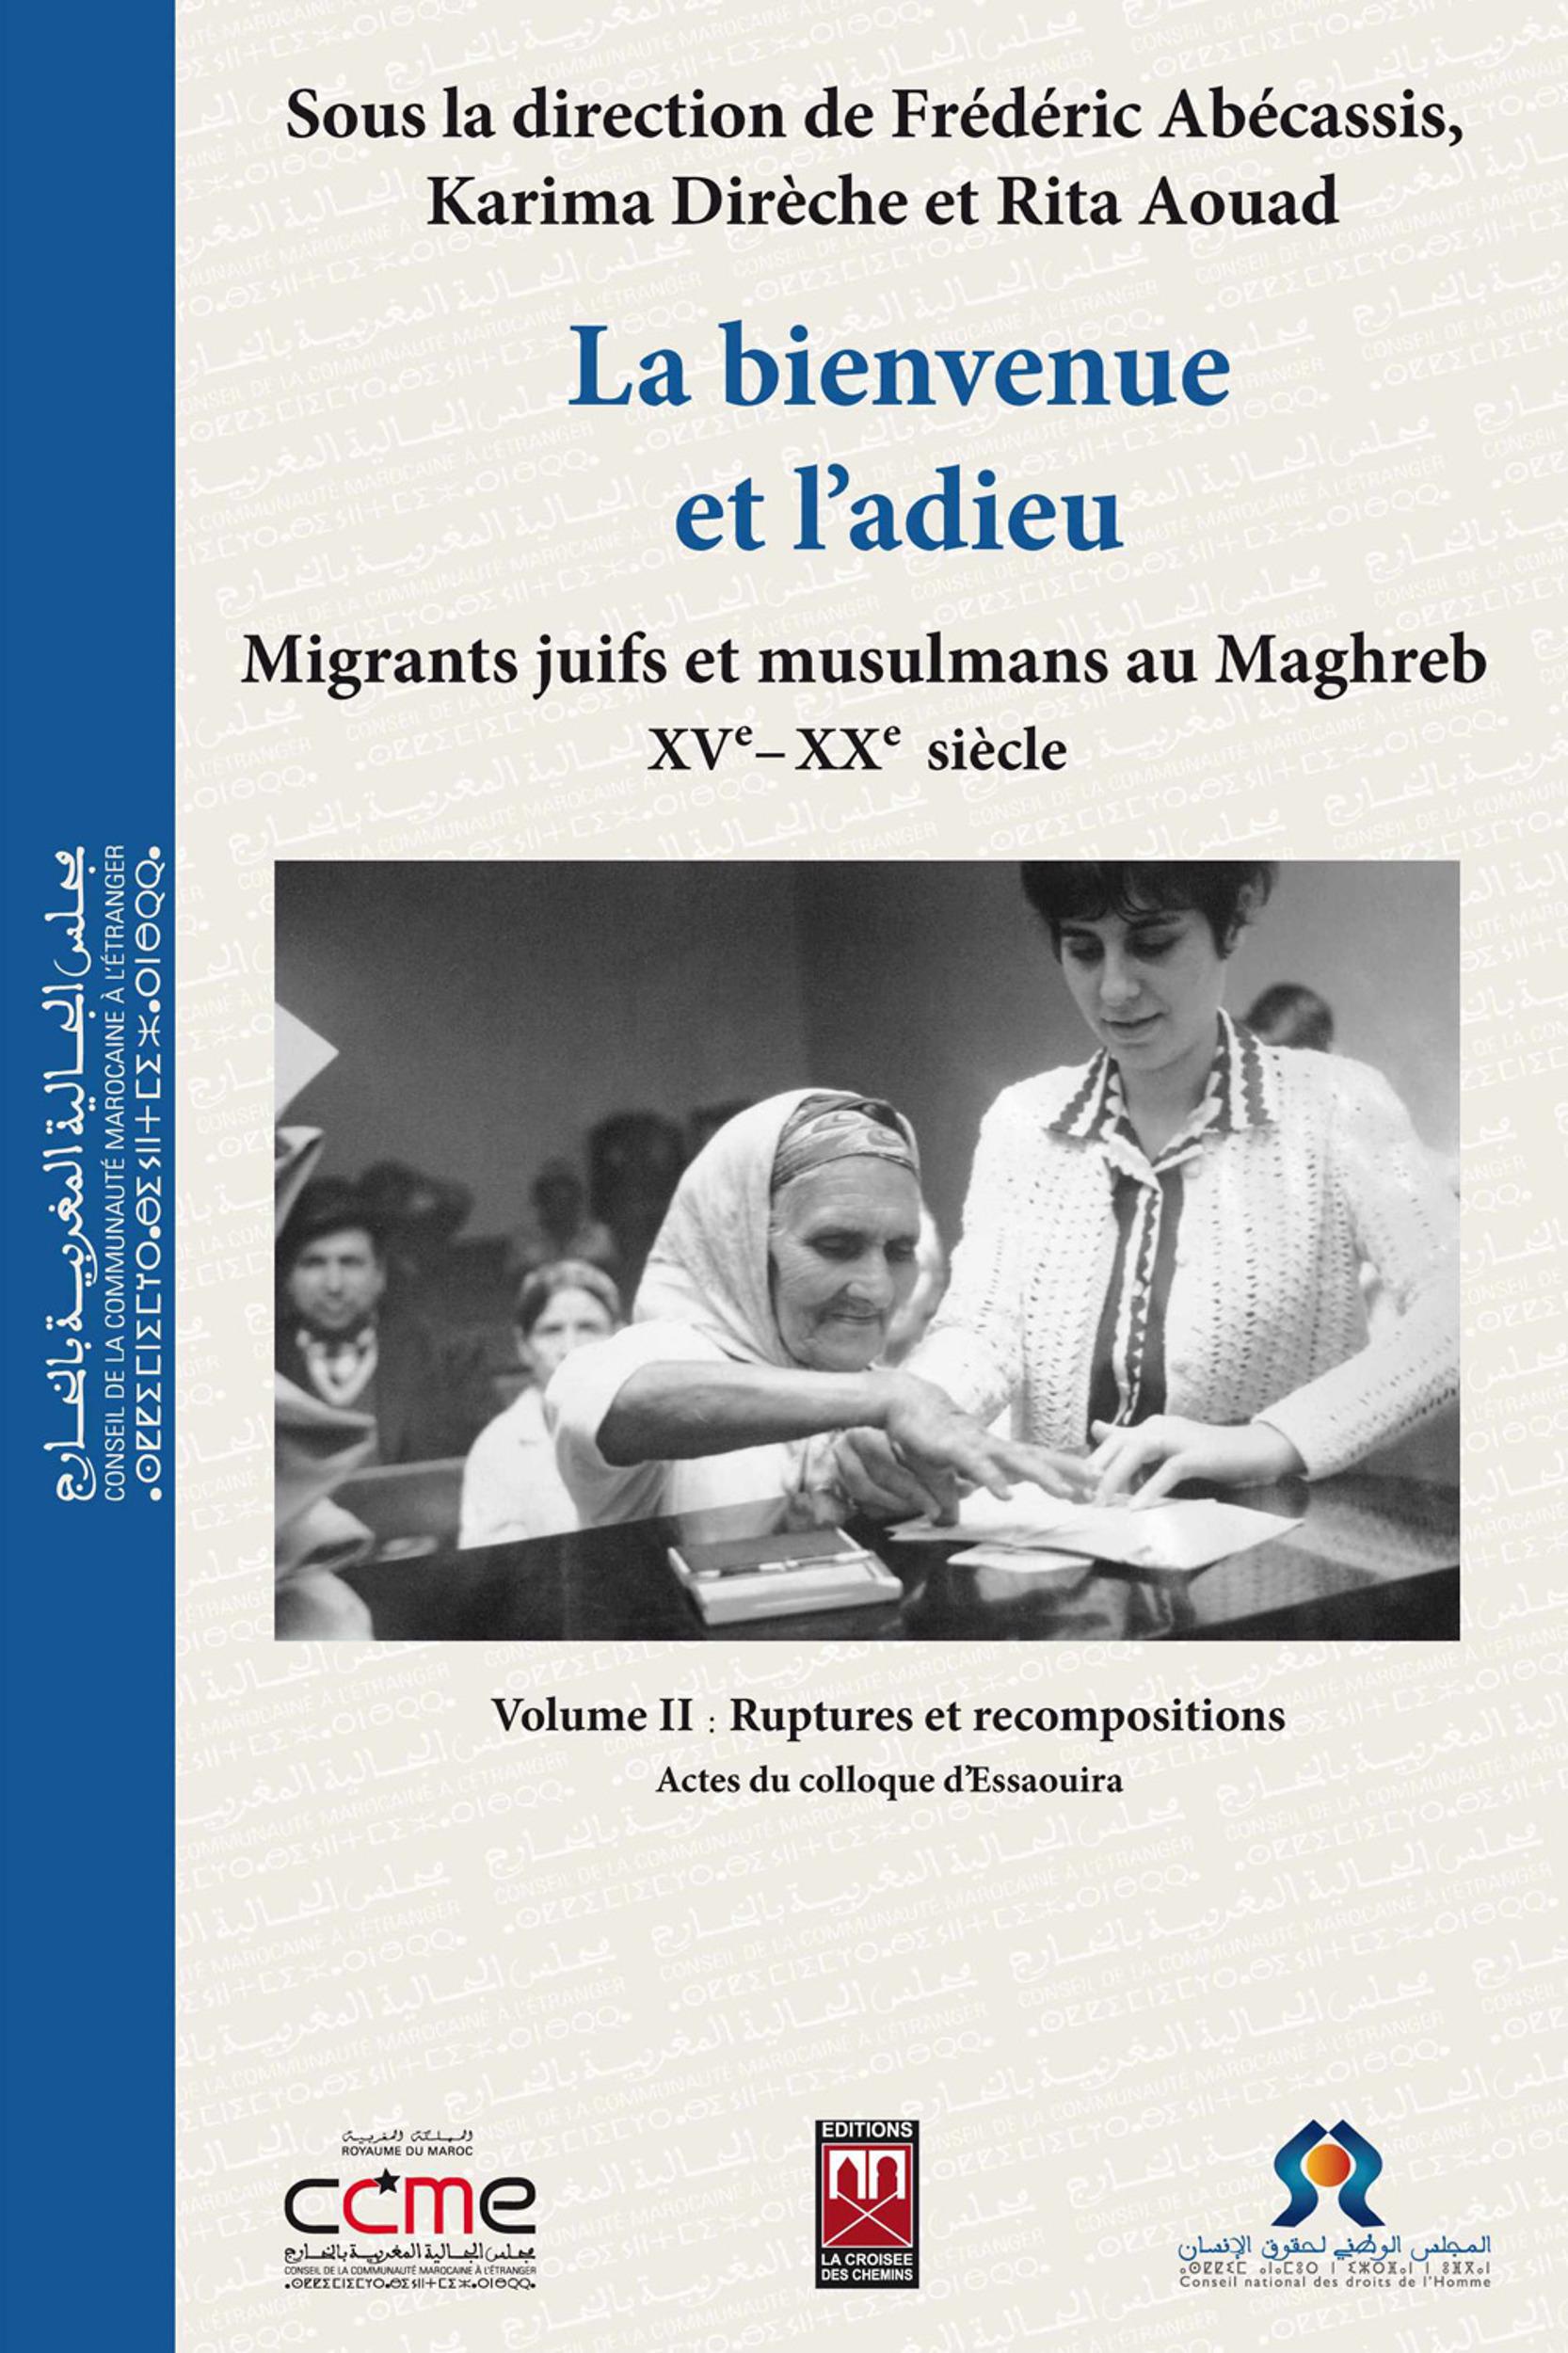 La bienvenue et l'adieu ; migrants juifs et musulmans au Maghreb, XV-XX siècle ; coffret